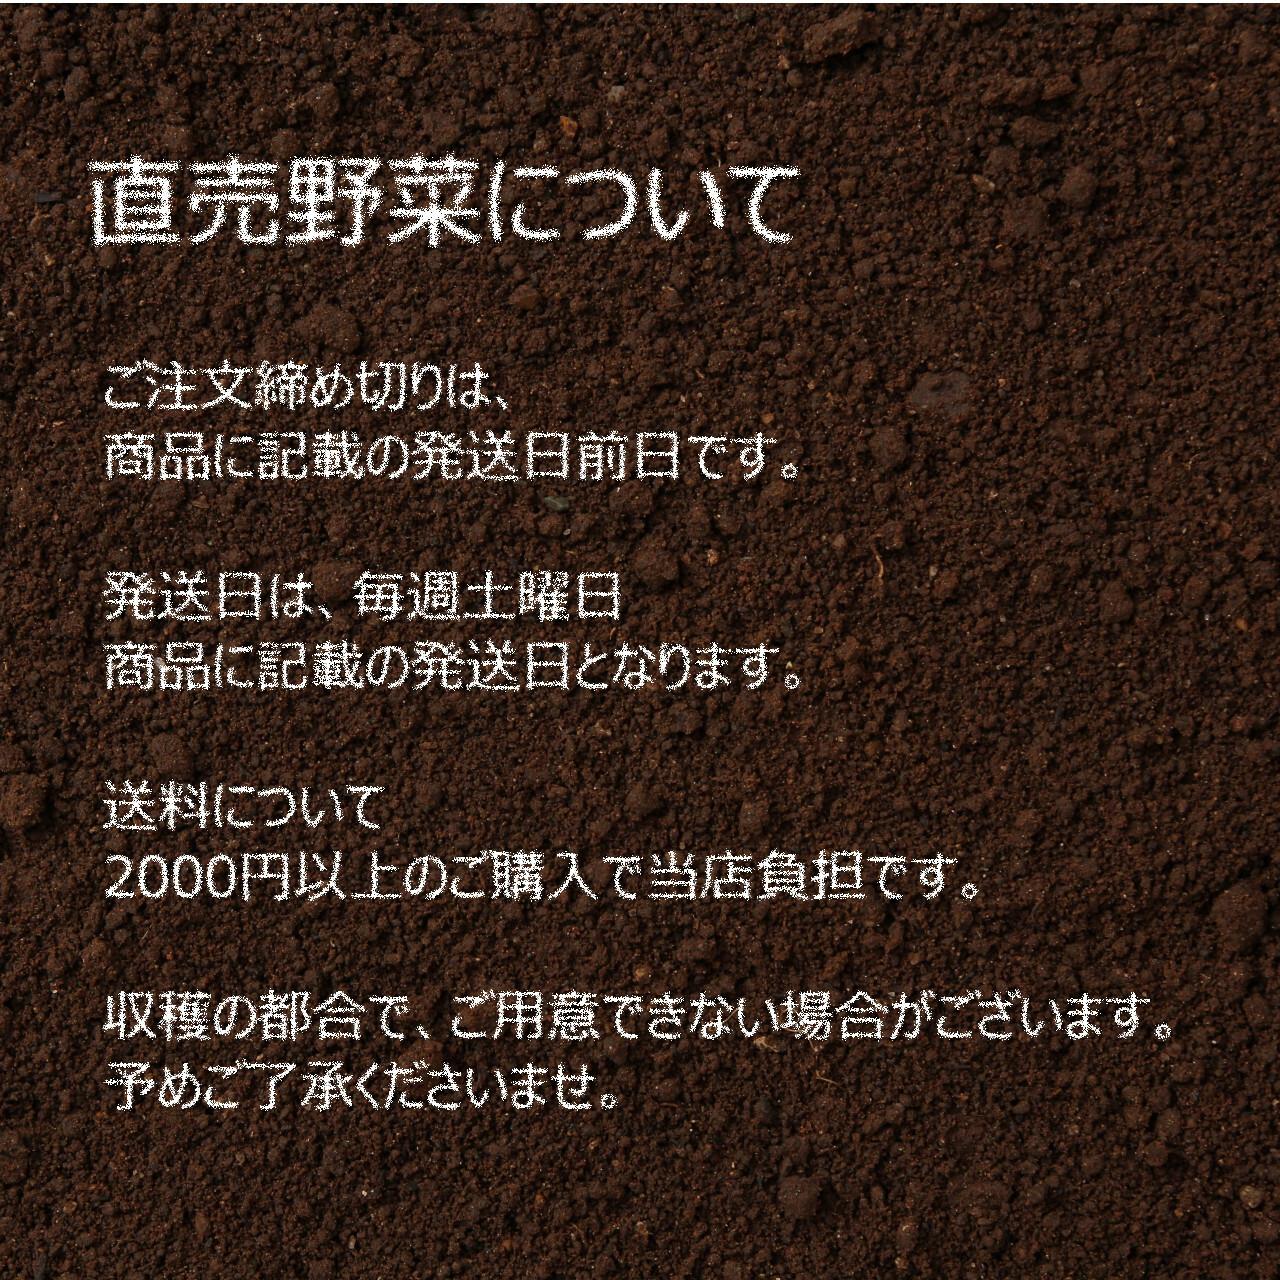 11月の朝採り直売野菜 : 大根 約 1本  新鮮な秋野菜 11月14日発送予定